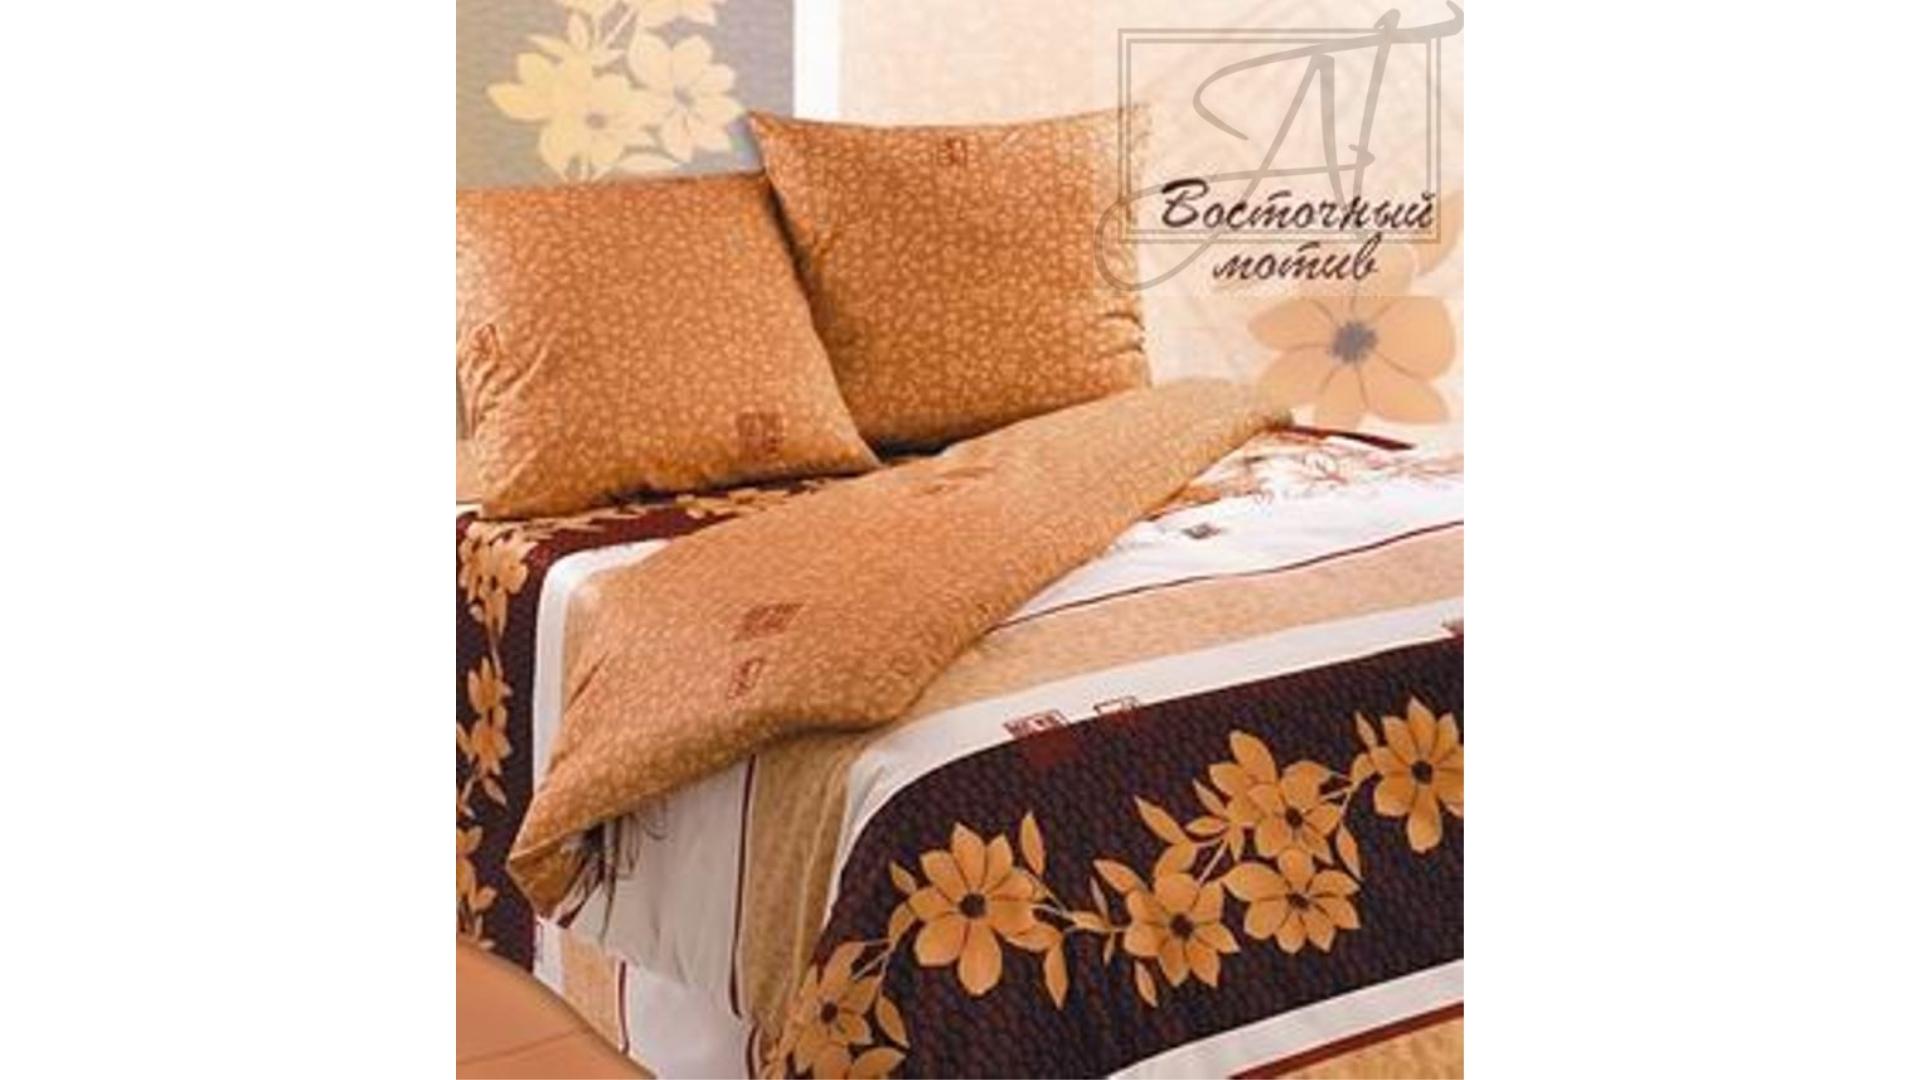 Комплект постельного белья Экзотика (Восточный мотив)  фото FullHD (0)